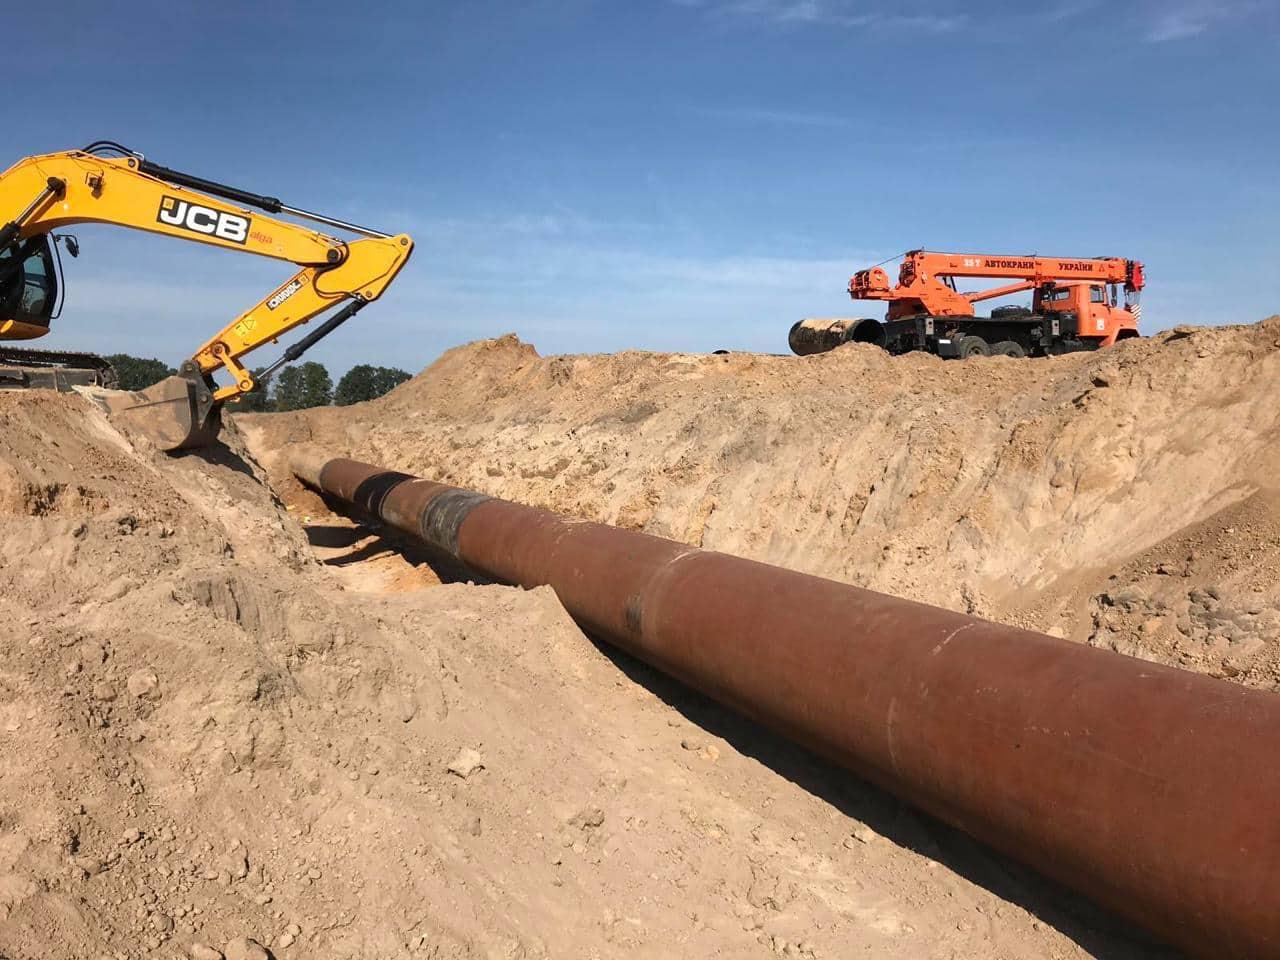 На участке газопровода, где произошла разгерметизация, восстановлена транспортировка газа в штатном режиме – ОГТСУ